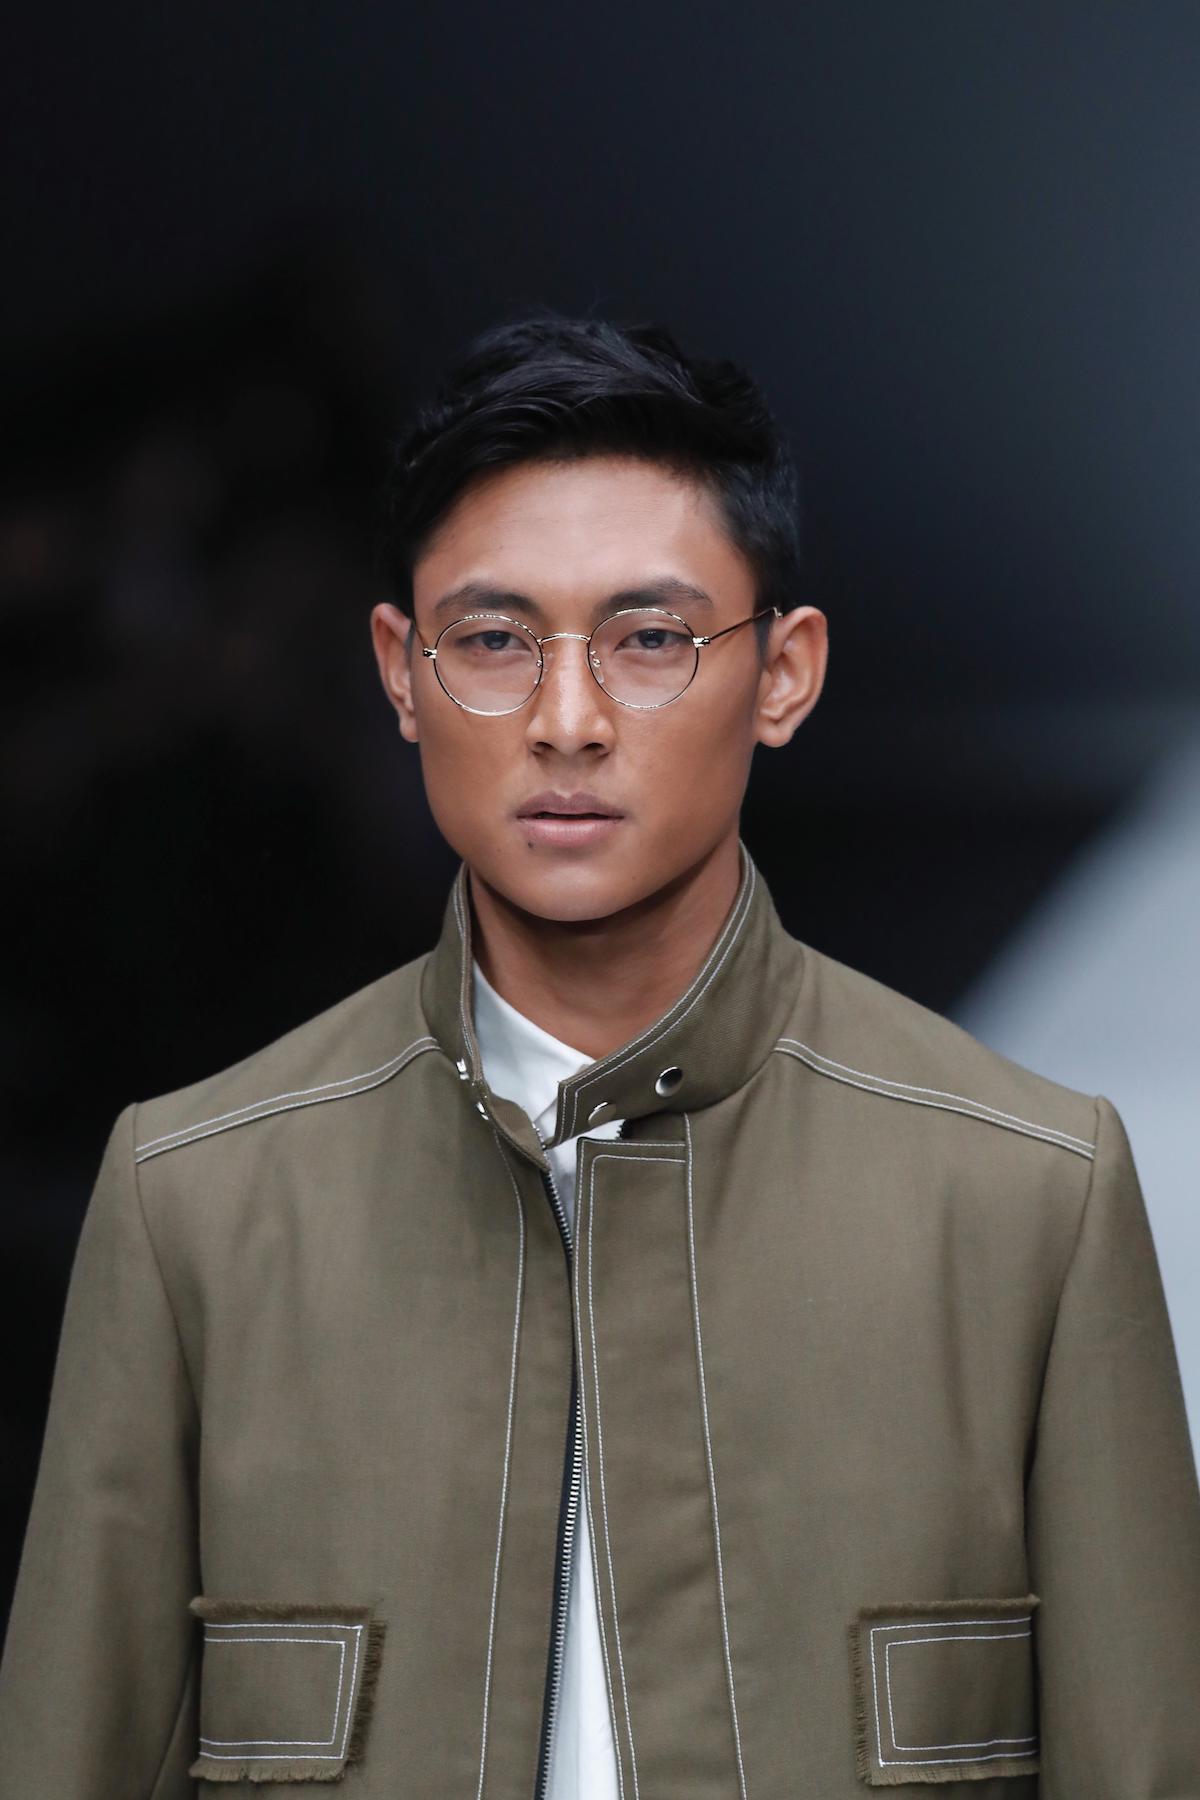 Pria asia dengan model rambut quiff pendek.